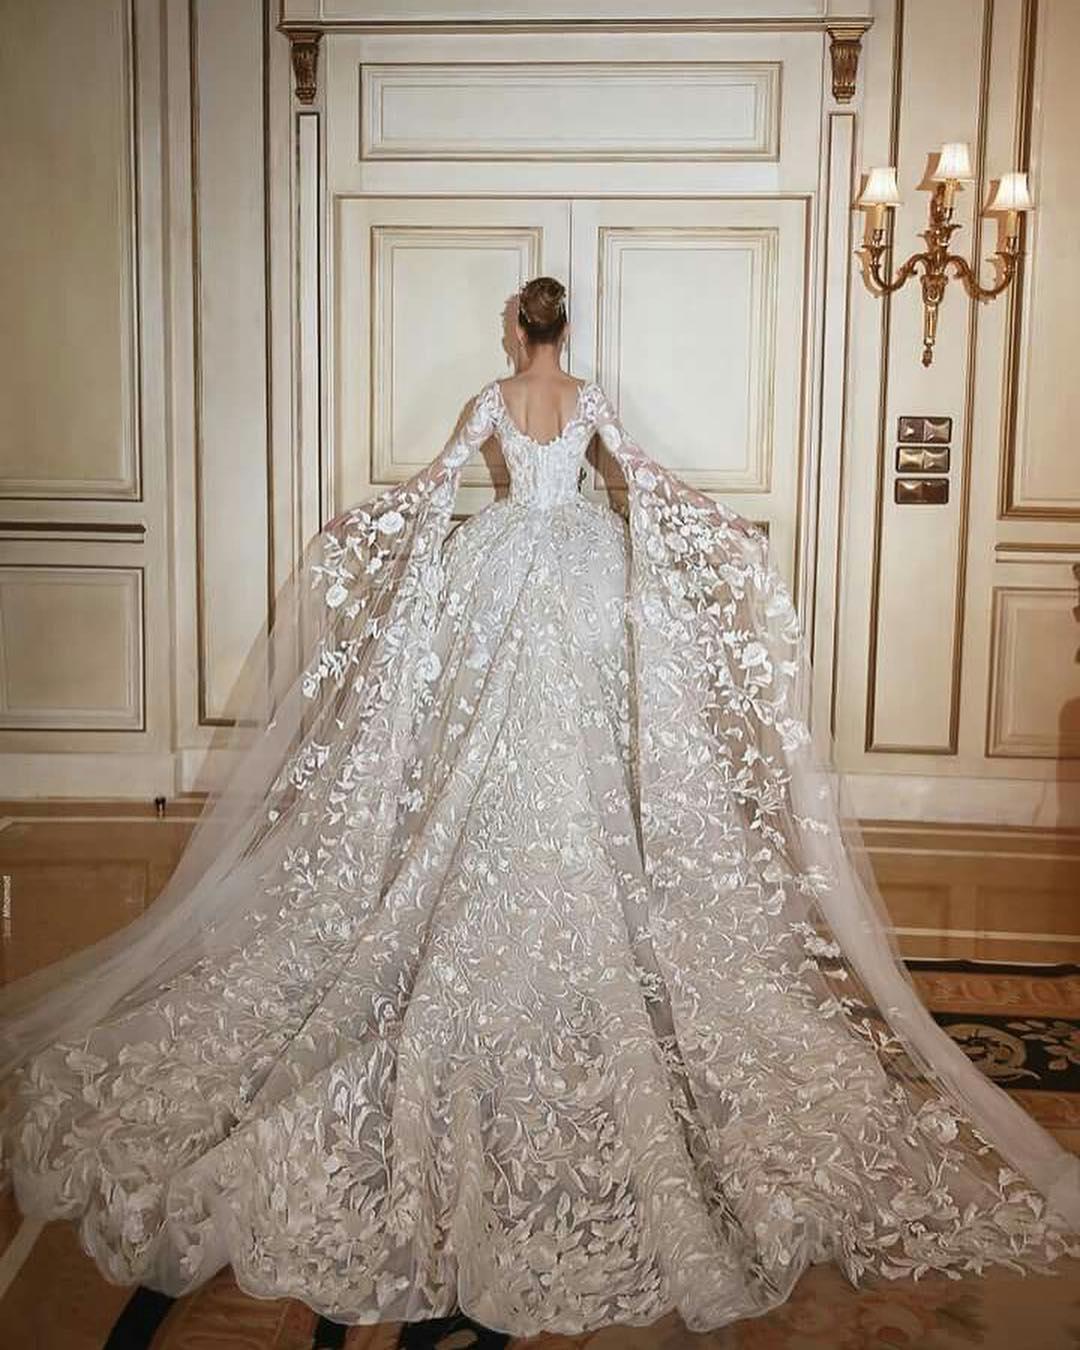 вам нравится самые шикарные и дорогие свадебные платья фото изрыл